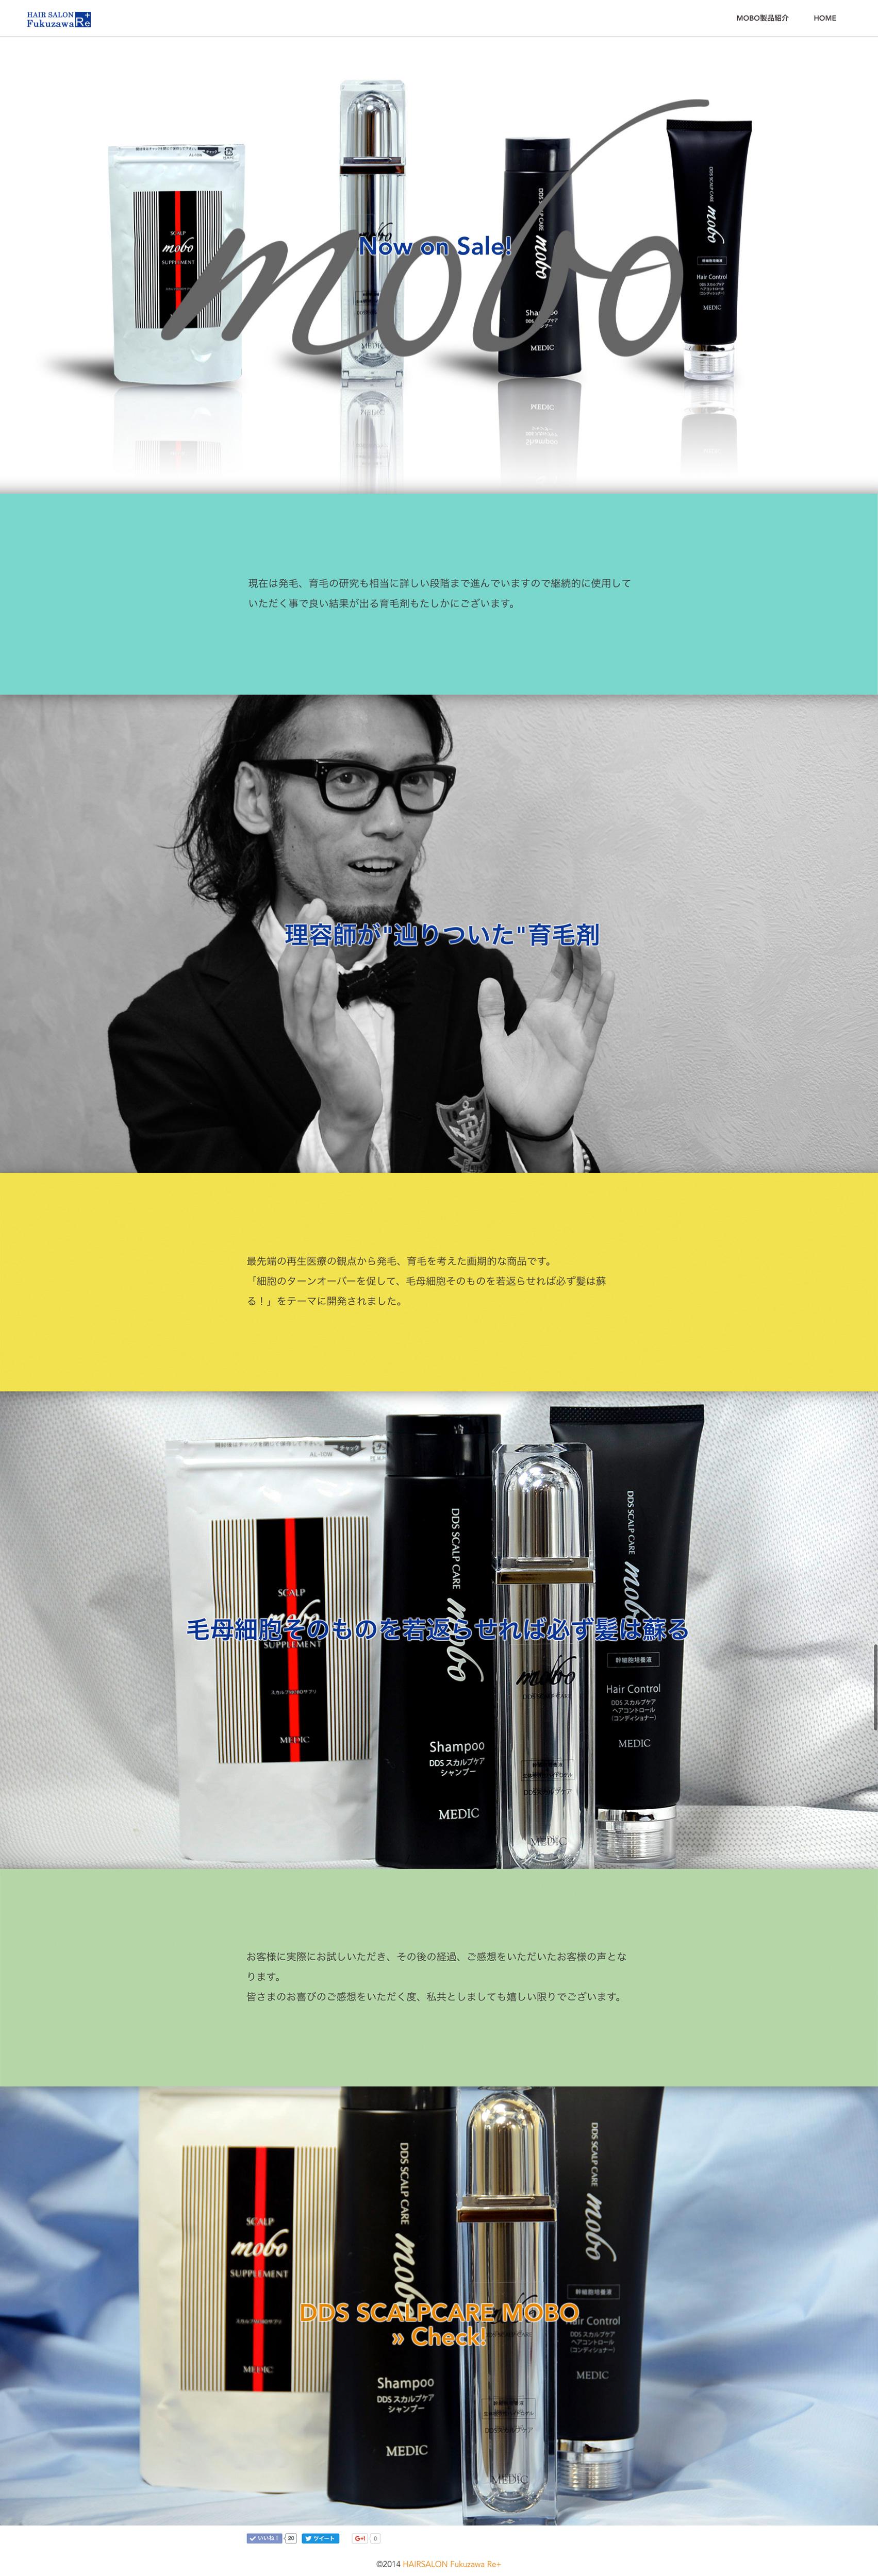 HAIRSALON Fukuzawa Re+ MOBOシリーズプロモーションサイト